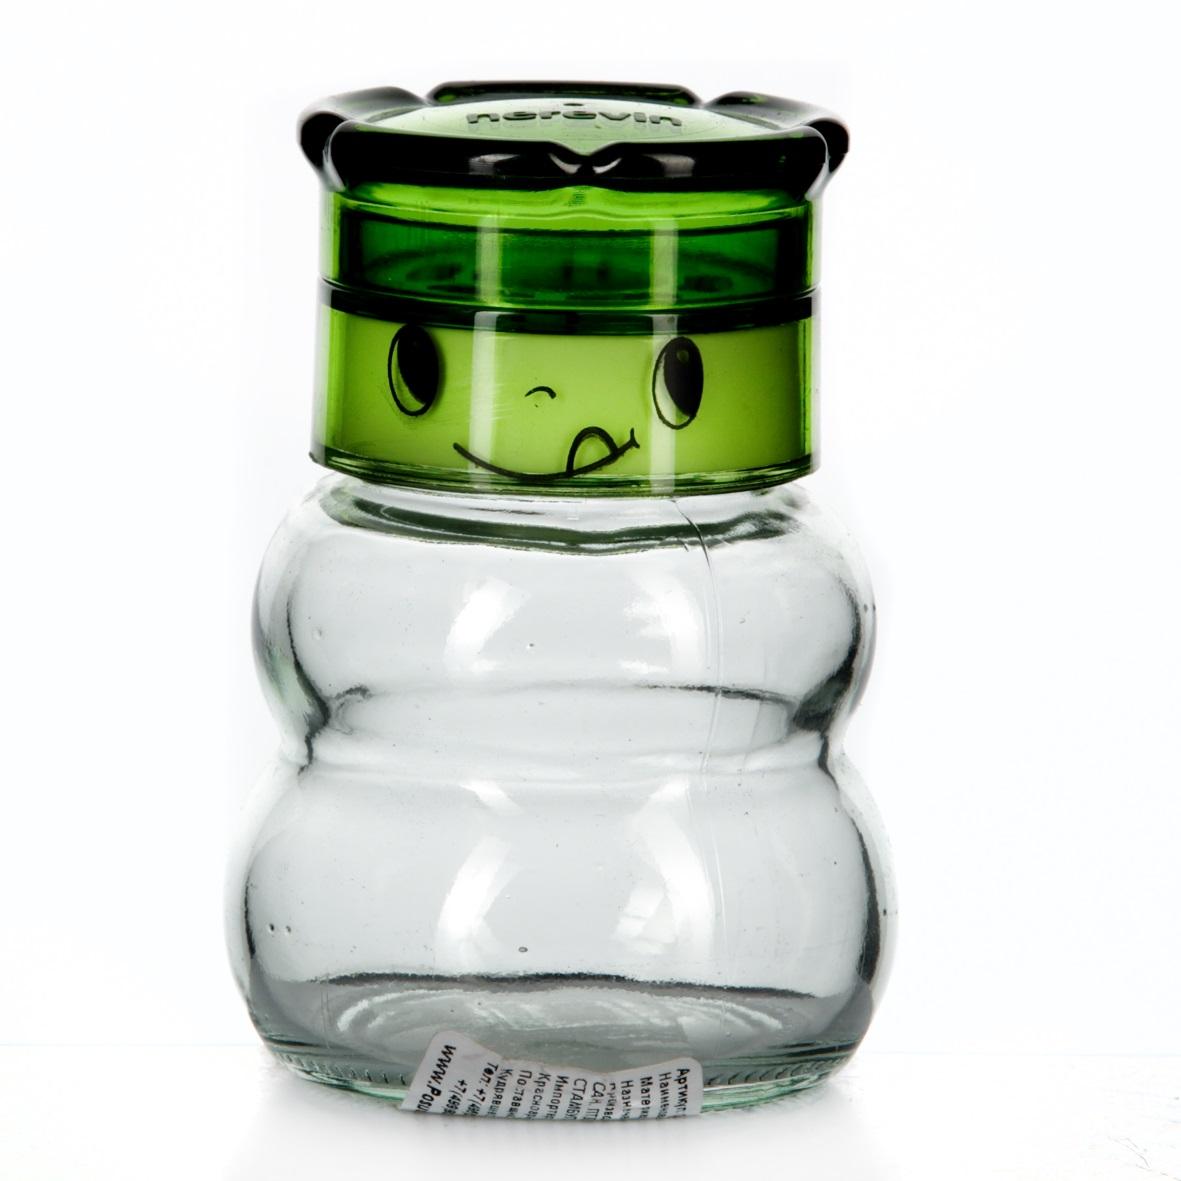 Мельница для специй Herevin, цвет: зеленый, 200 мл131650-000Мельница для соли Herevin, изготовленная из стекла и пластика, легка в использовании. Стоит только покрутить верхнюю часть мельницы, и вы с легкостью сможете посолить по своему вкусу любое блюдо. Крышка украшена изображением забавной мордочки. Механизм мельницы изготовлен из пластика. Оригинальная мельница модного дизайна будет отлично смотреться на вашей кухне.Высота: 10 см. Диаметр (по верхнему краю): 4 см. Диаметр основания: 6 см.